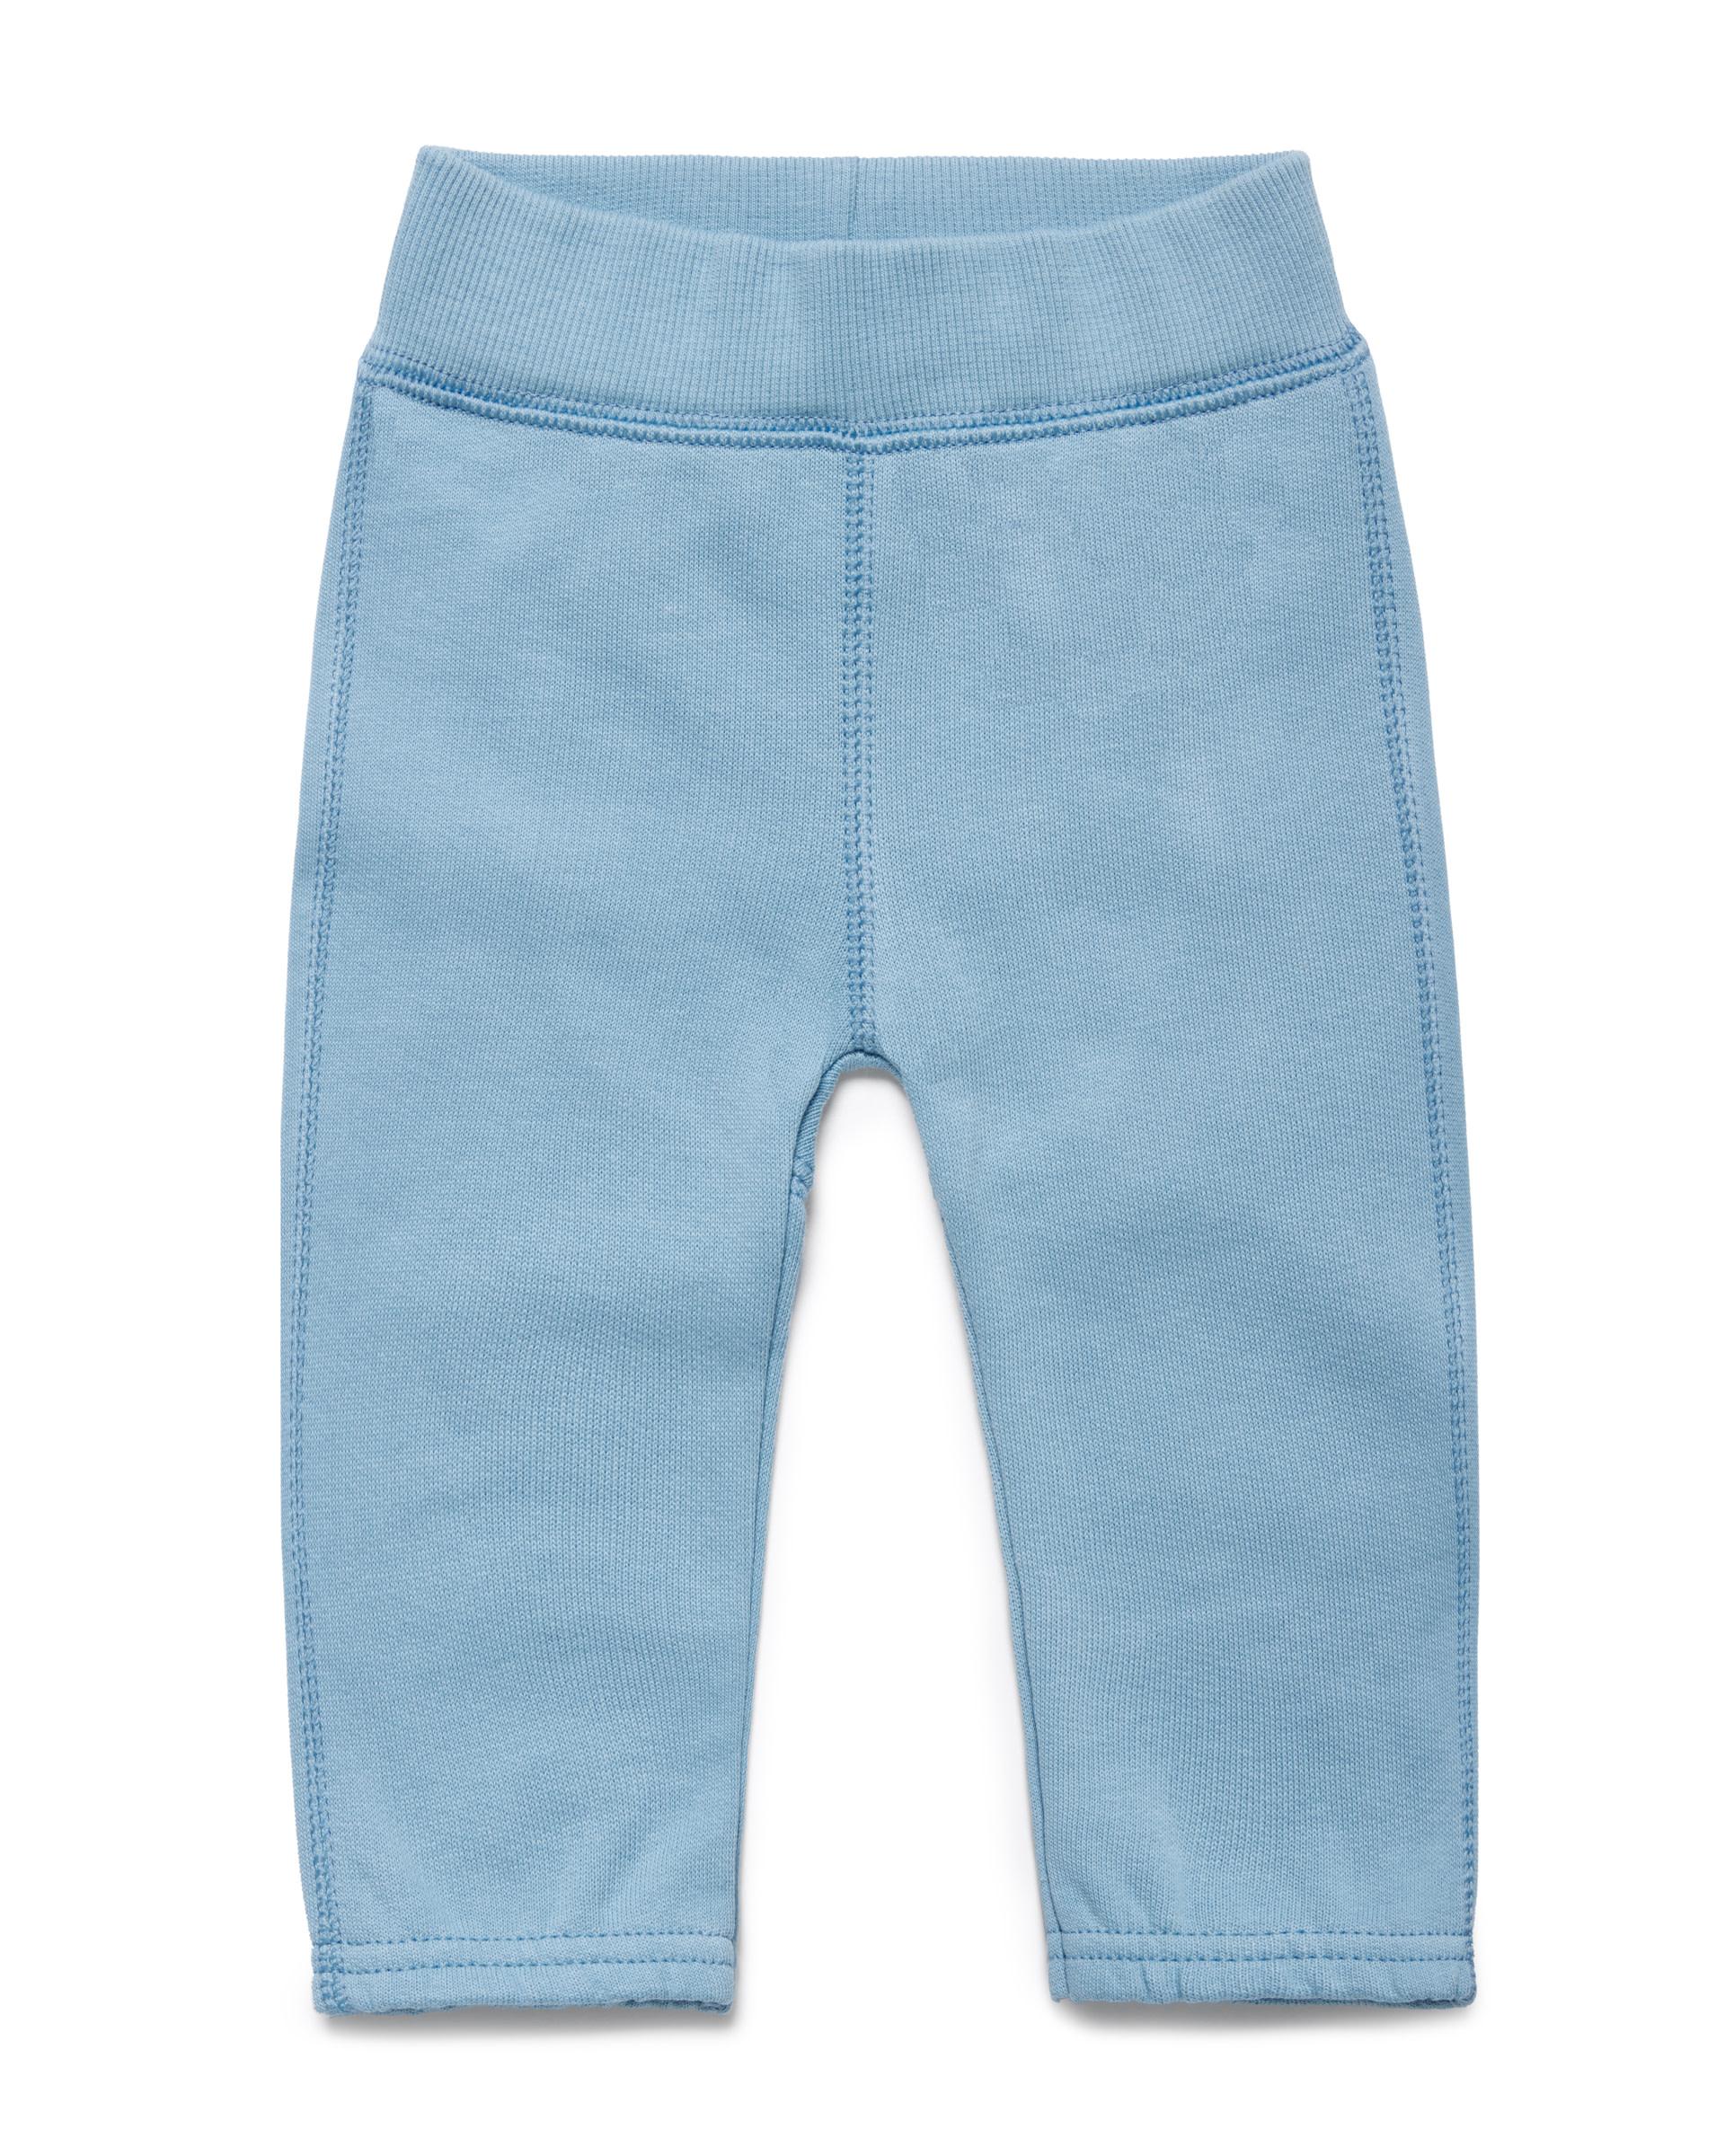 Купить 20P_3J70MF238_29J, Спортивные брюки для девочек Benetton 3J70MF238_29J р-р 82, United Colors of Benetton, Детские брюки и шорты